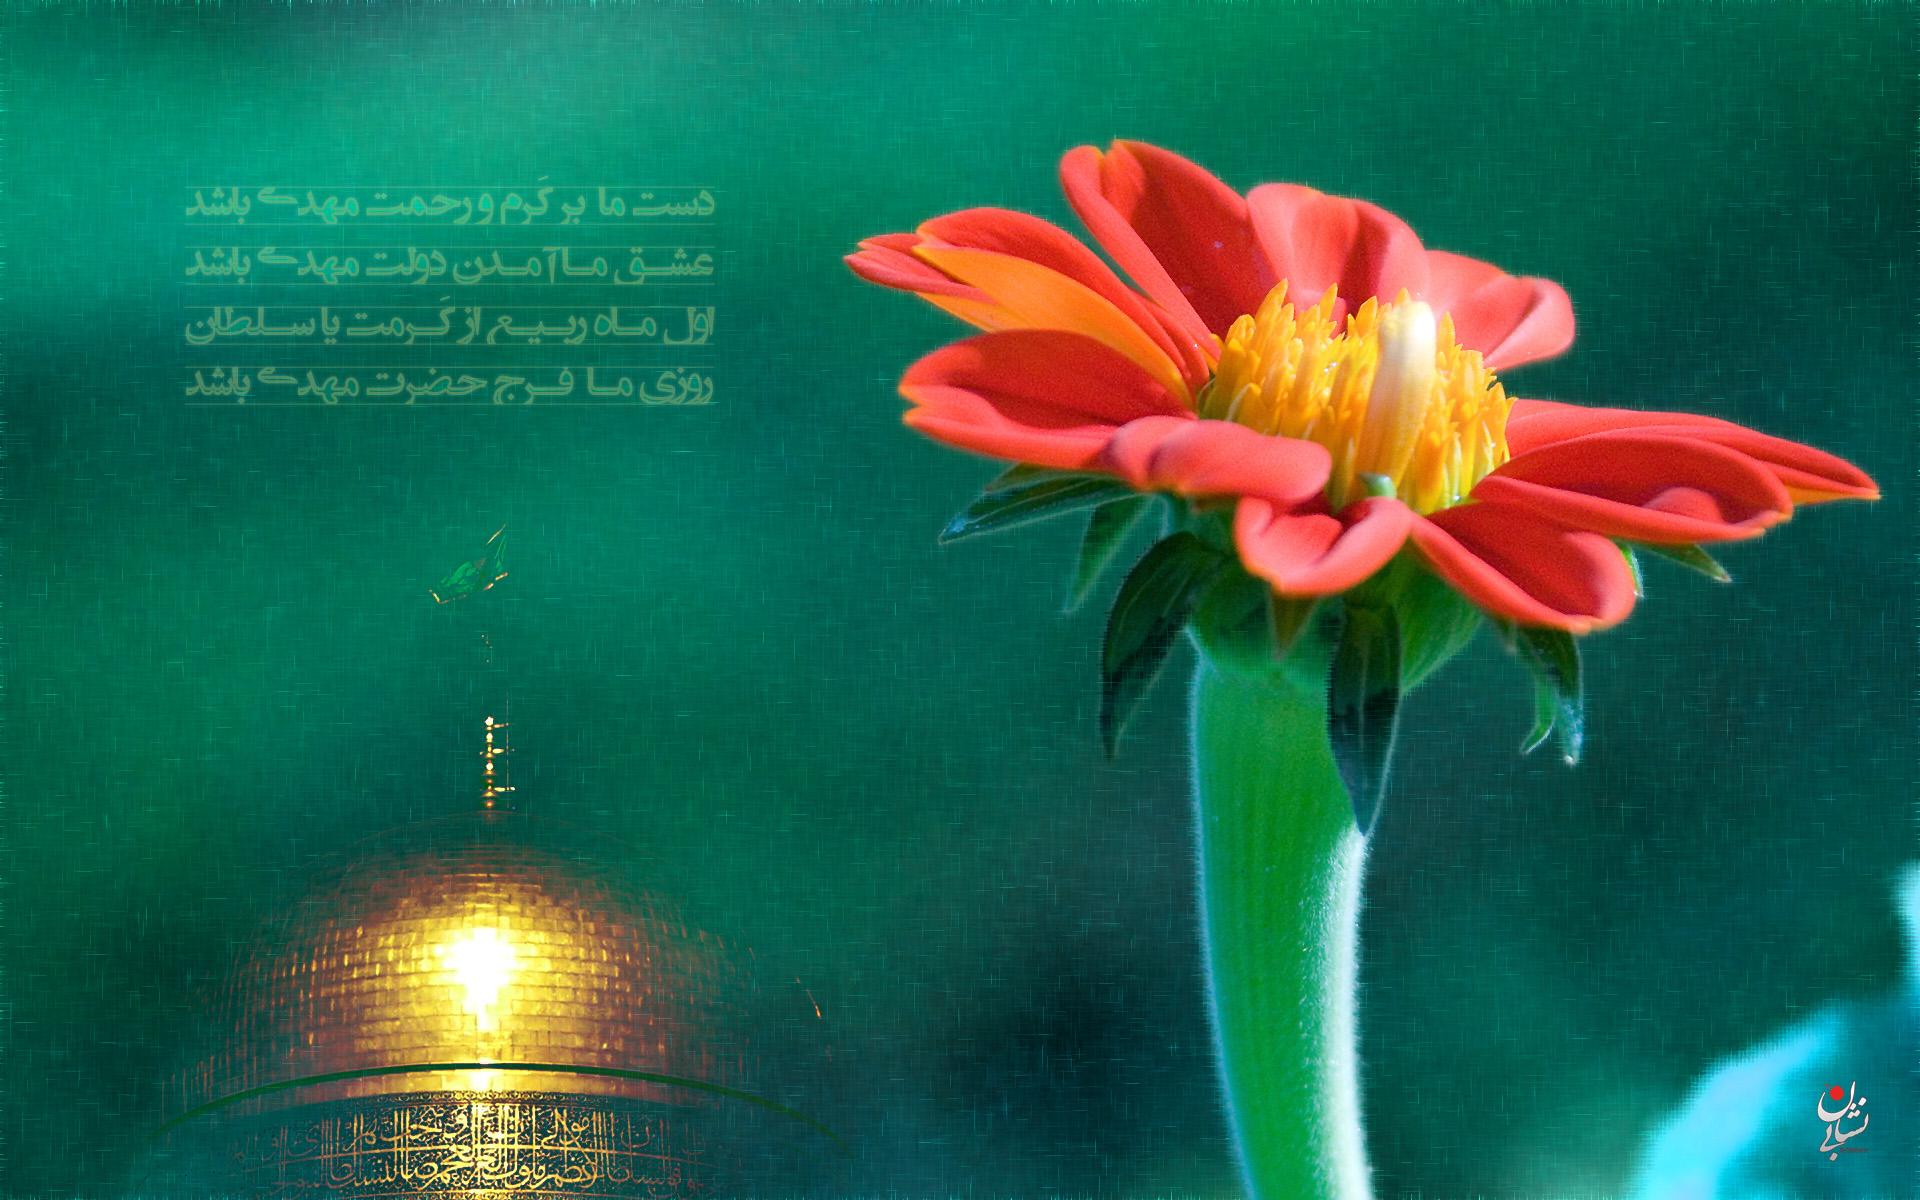 http://bi-neshan.ir/wp-content/uploads/2012/01/Mahdi-13.jpg